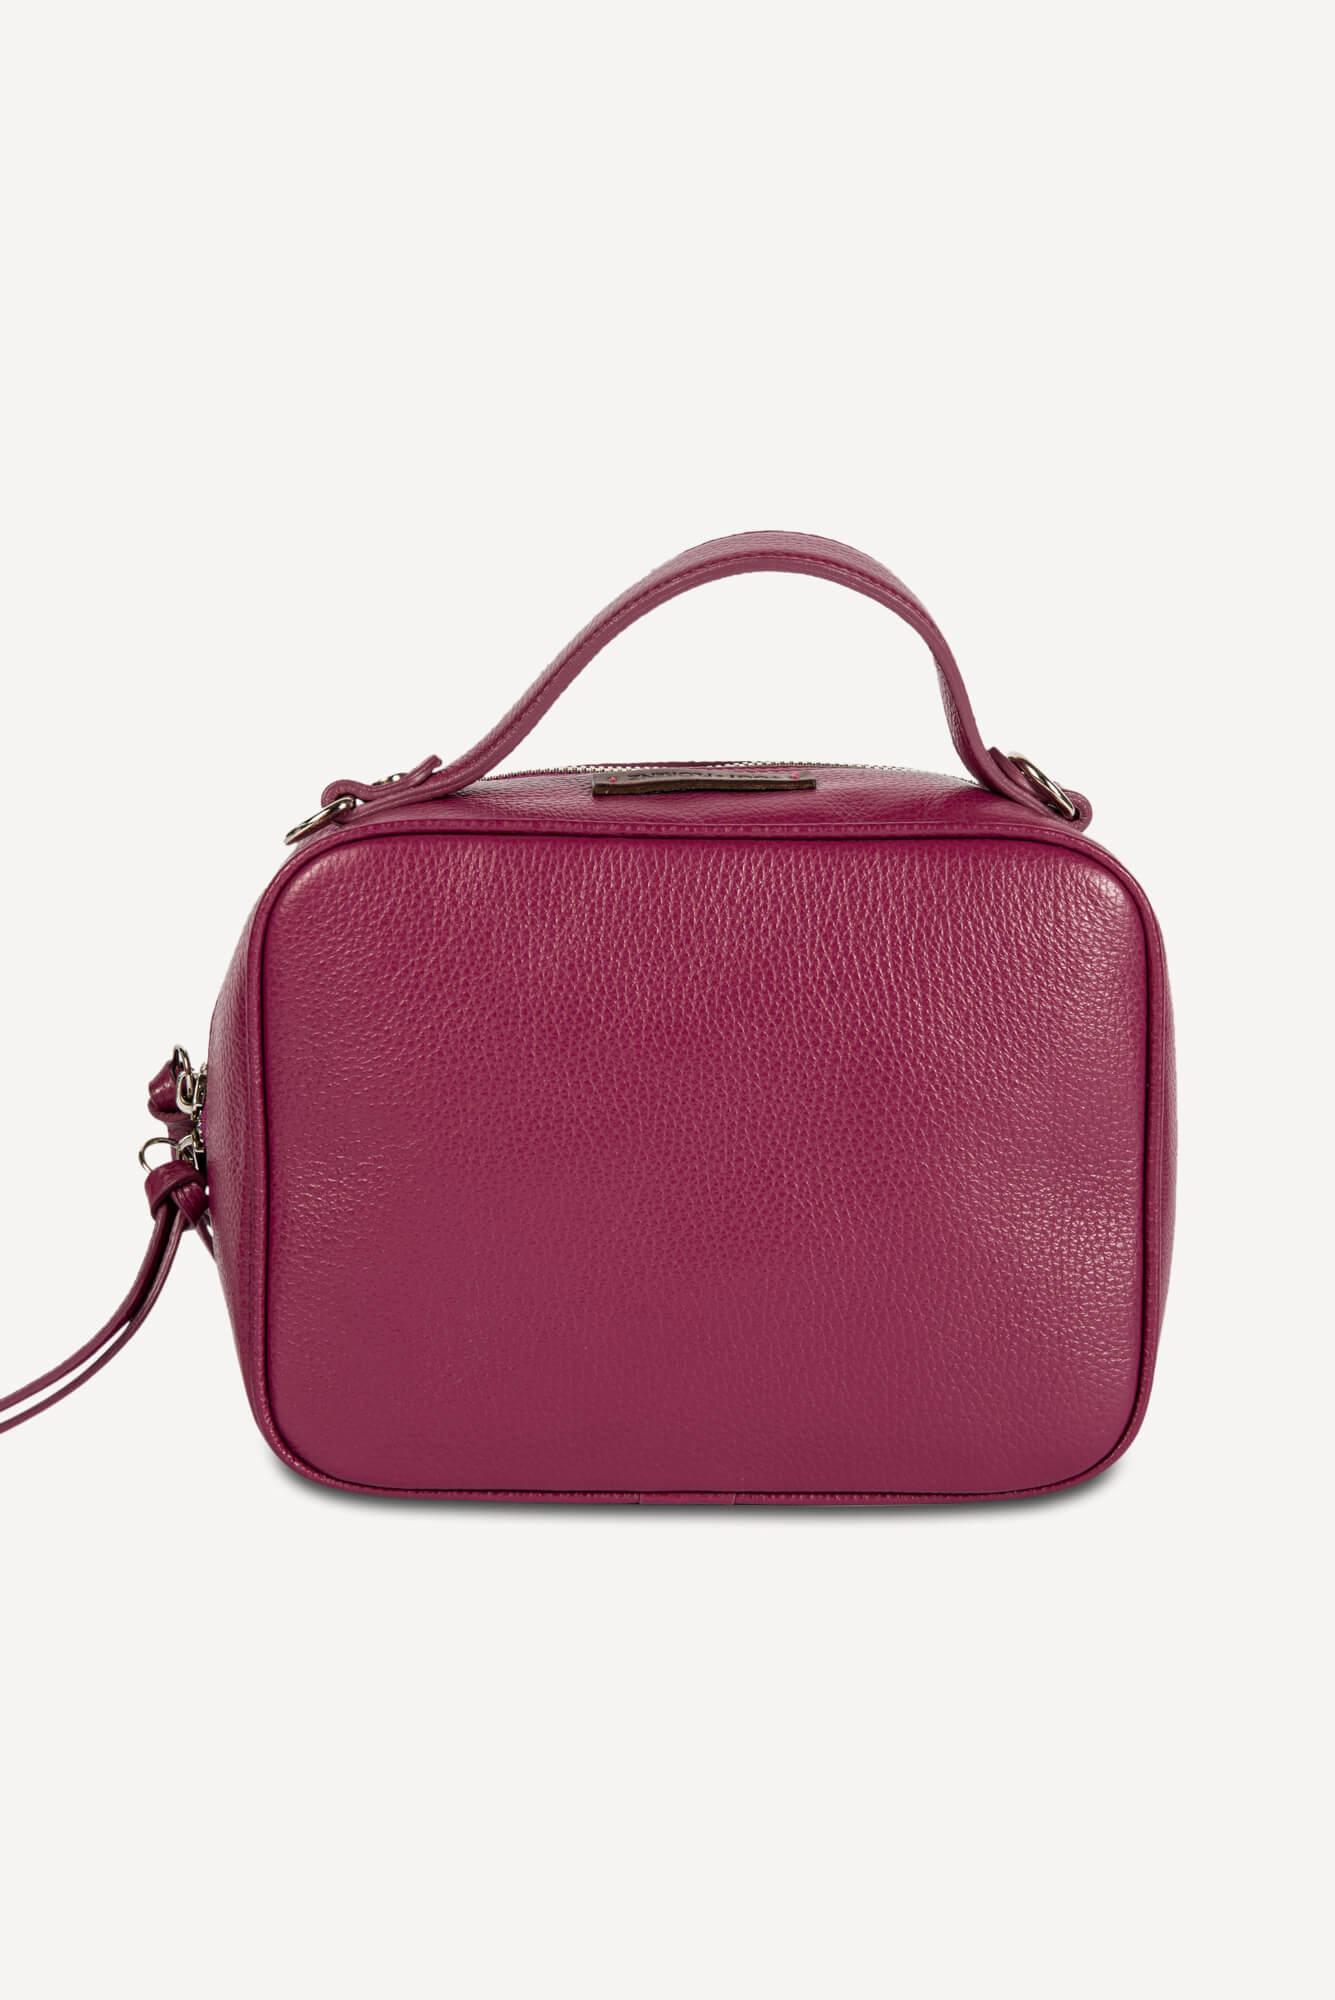 Tasche Valigetta,  klein, violett